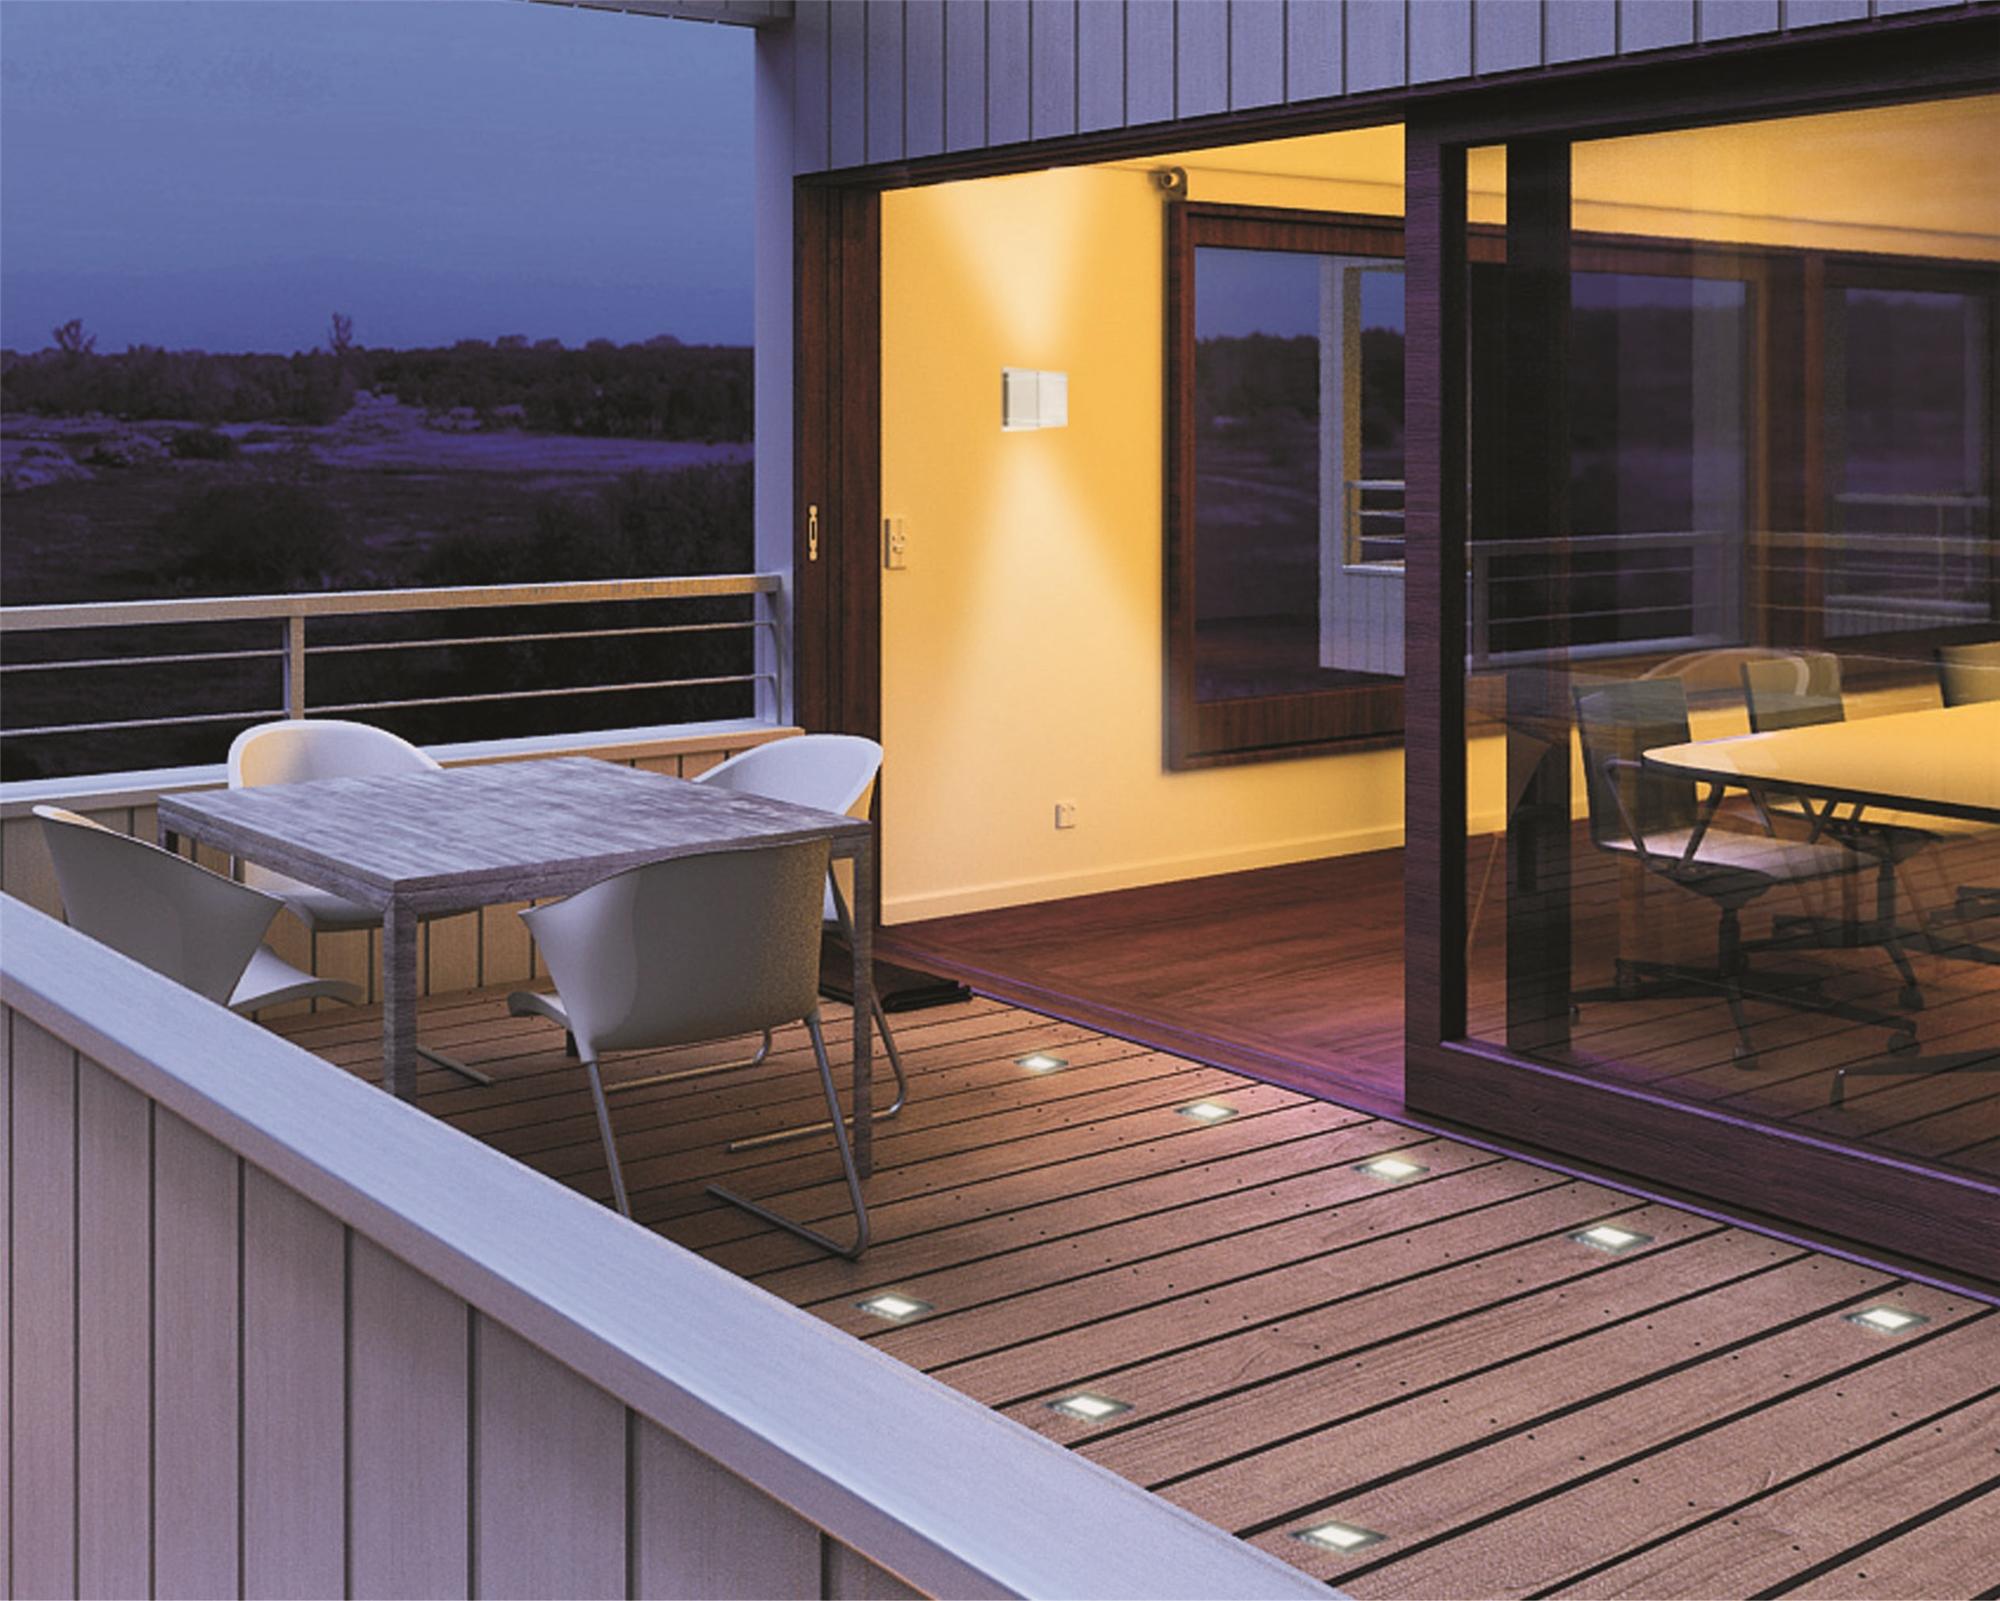 Lampenlux LED eckig Einbaustrahler Siro Nickel gebürstet IP54 230V für Außenbereich, Terrasse, Garten und Innenbereich